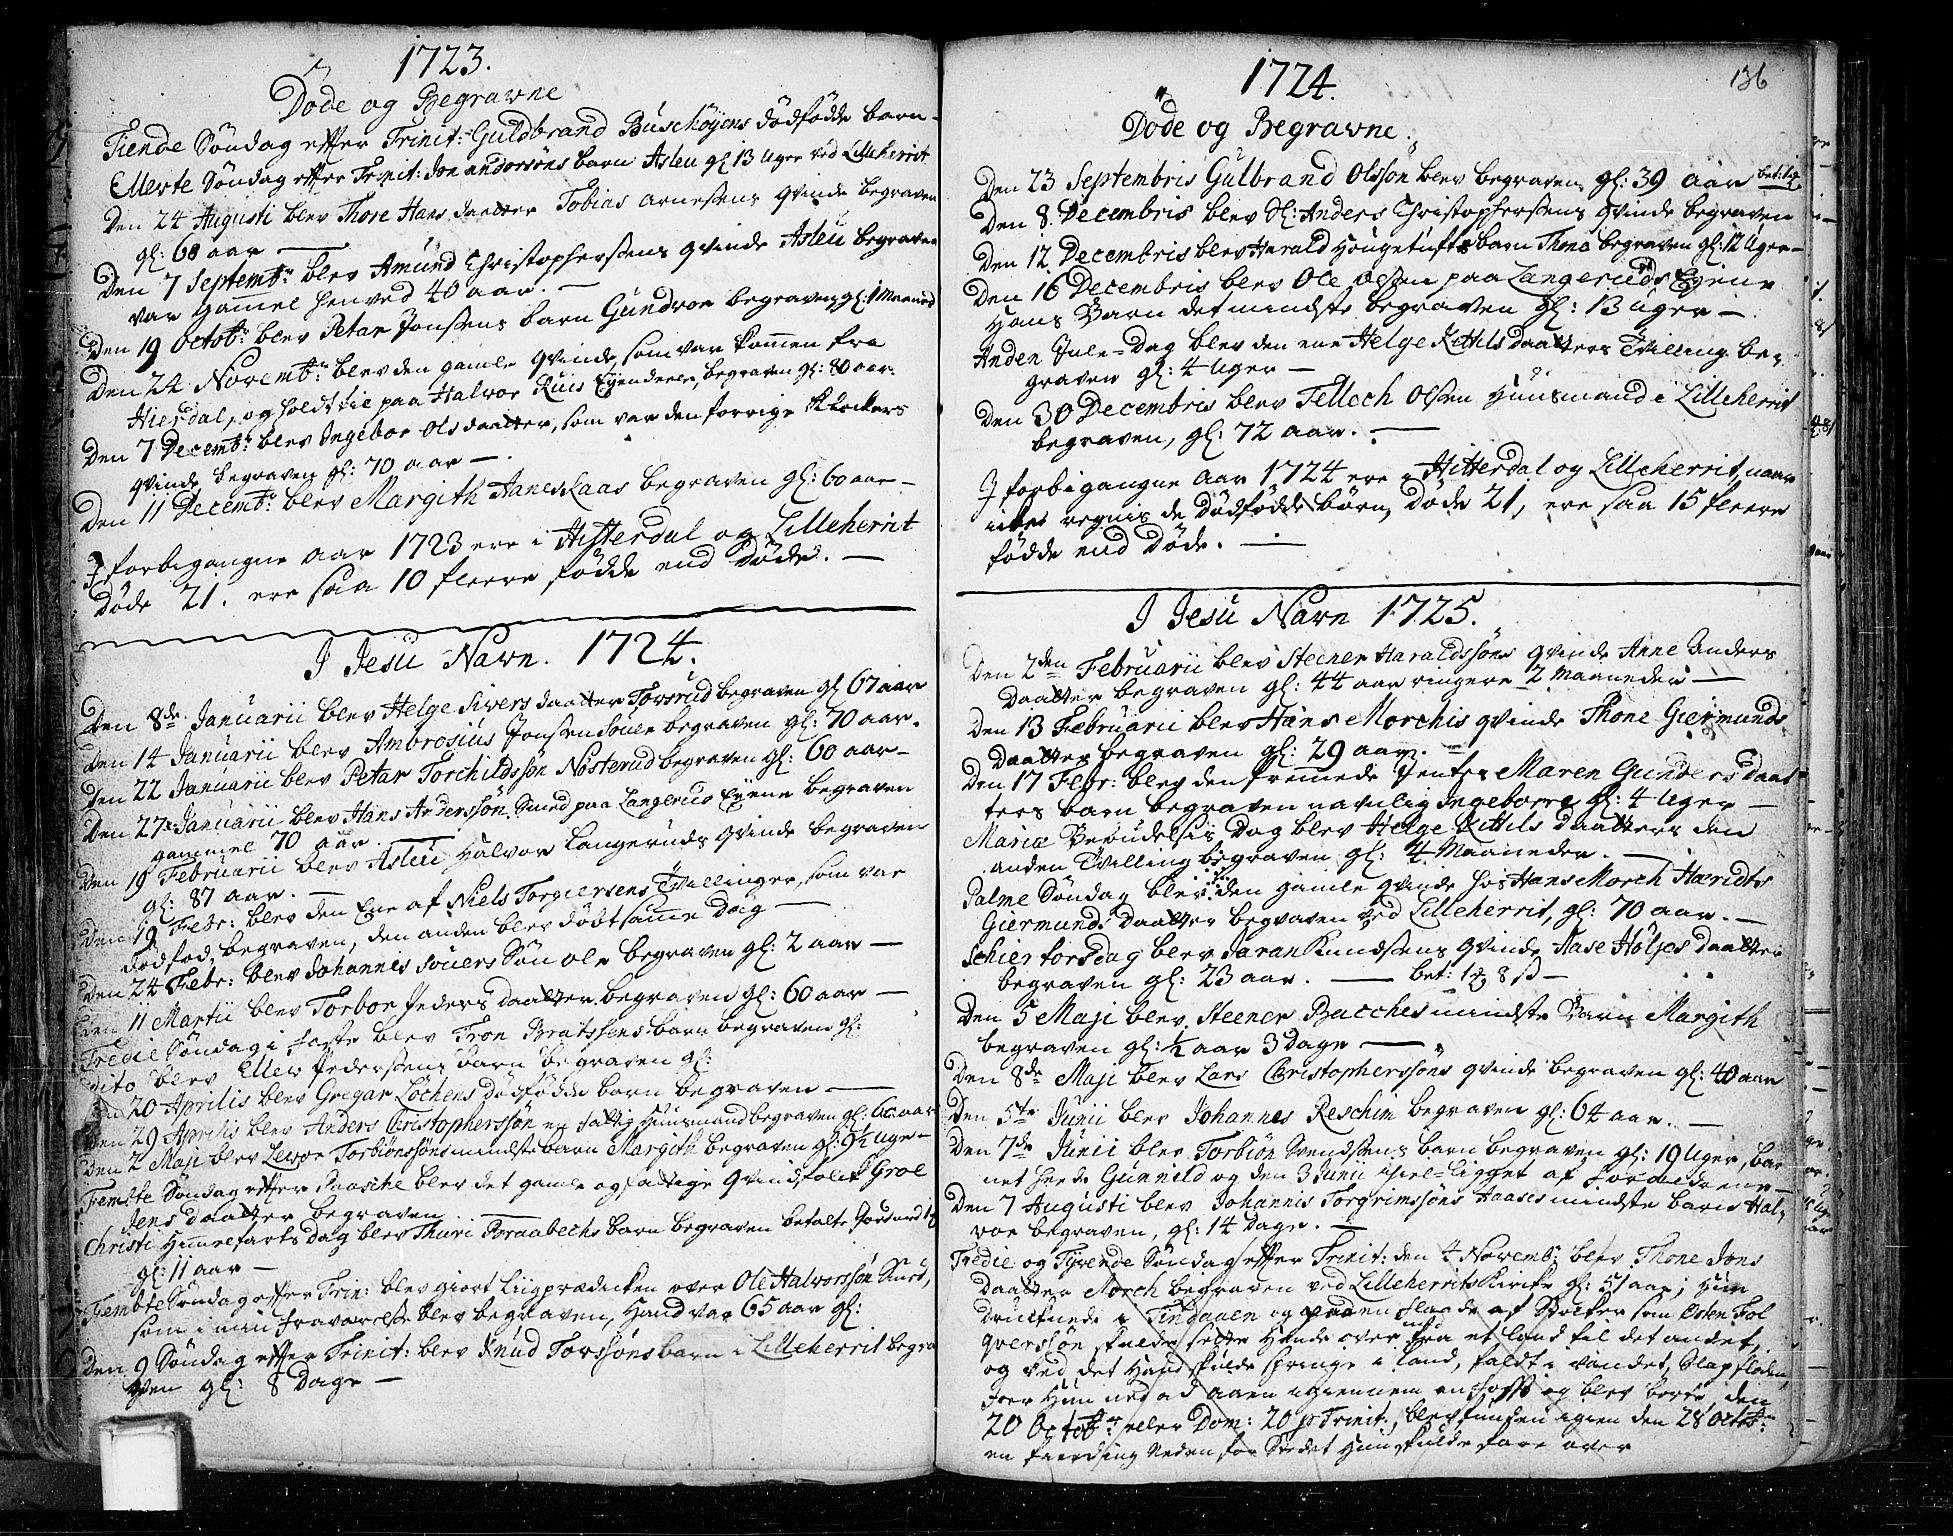 SAKO, Heddal kirkebøker, F/Fa/L0003: Ministerialbok nr. I 3, 1723-1783, s. 136